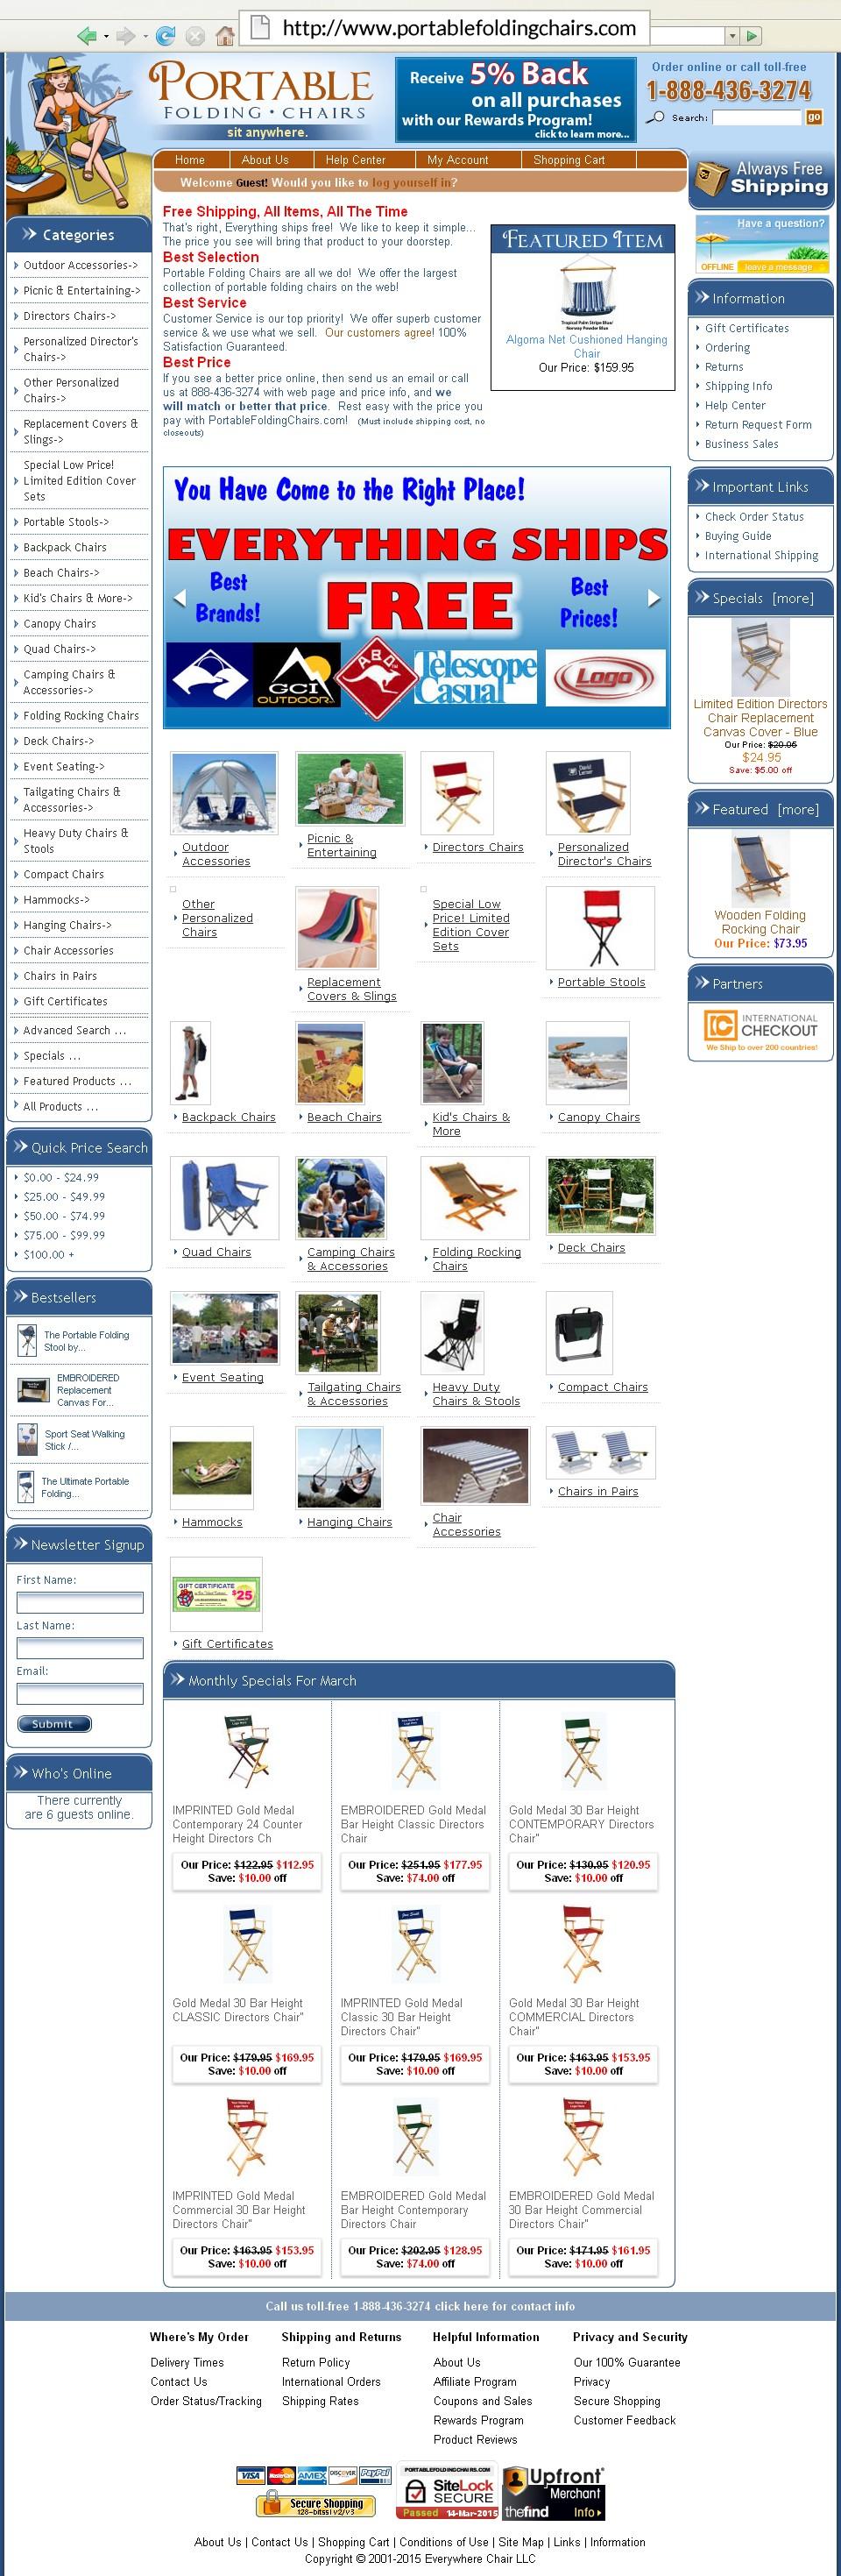 http://www.smartinfosys.net/49631/portablefoldingchairs.jpg